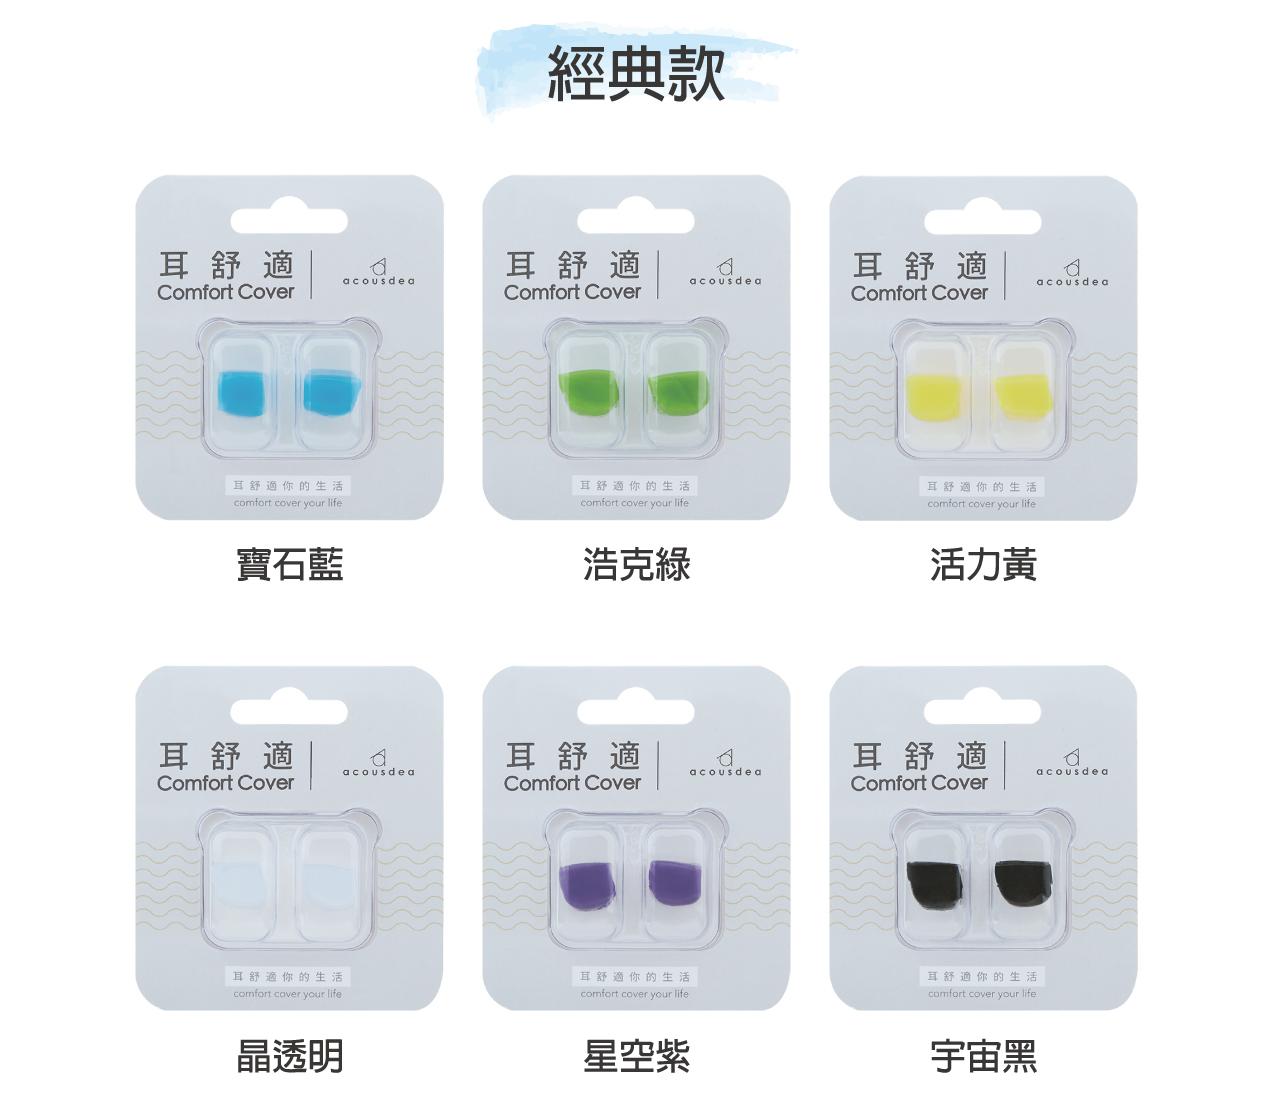 耳舒適經典款,最多可降噪40dBSPL,多款顏色任選